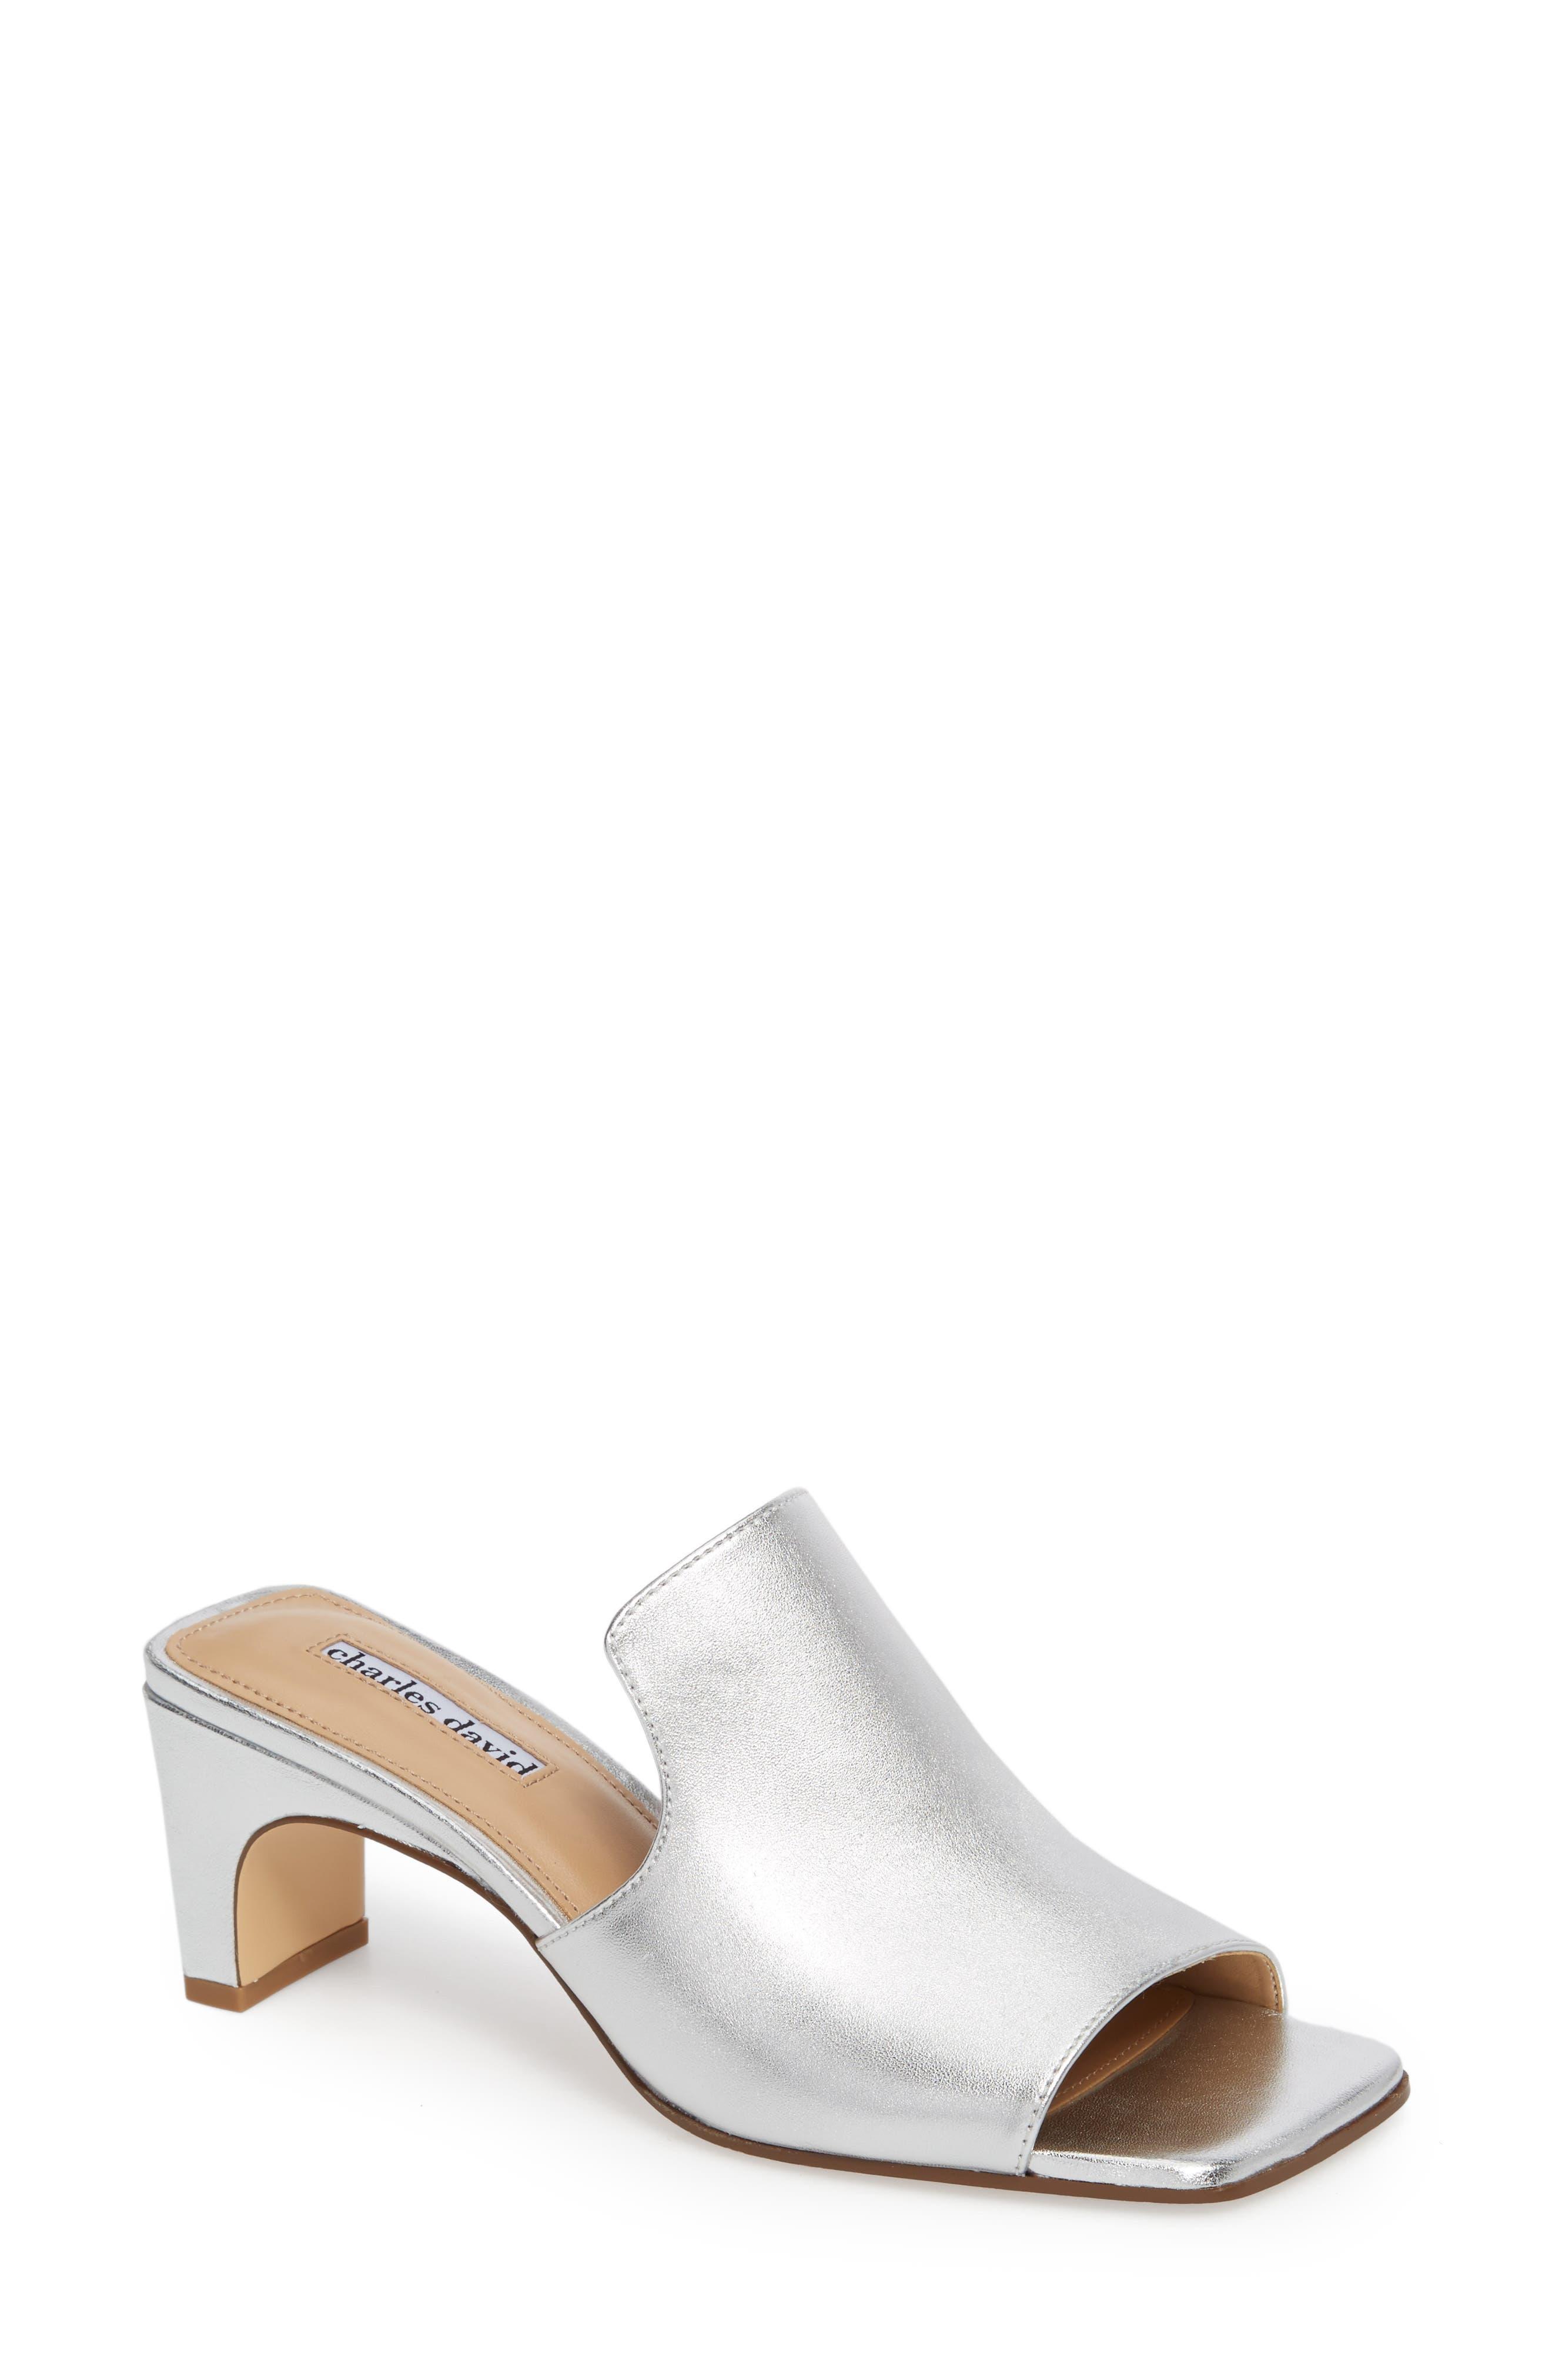 Charles David Herald Slide Sandal, Metallic